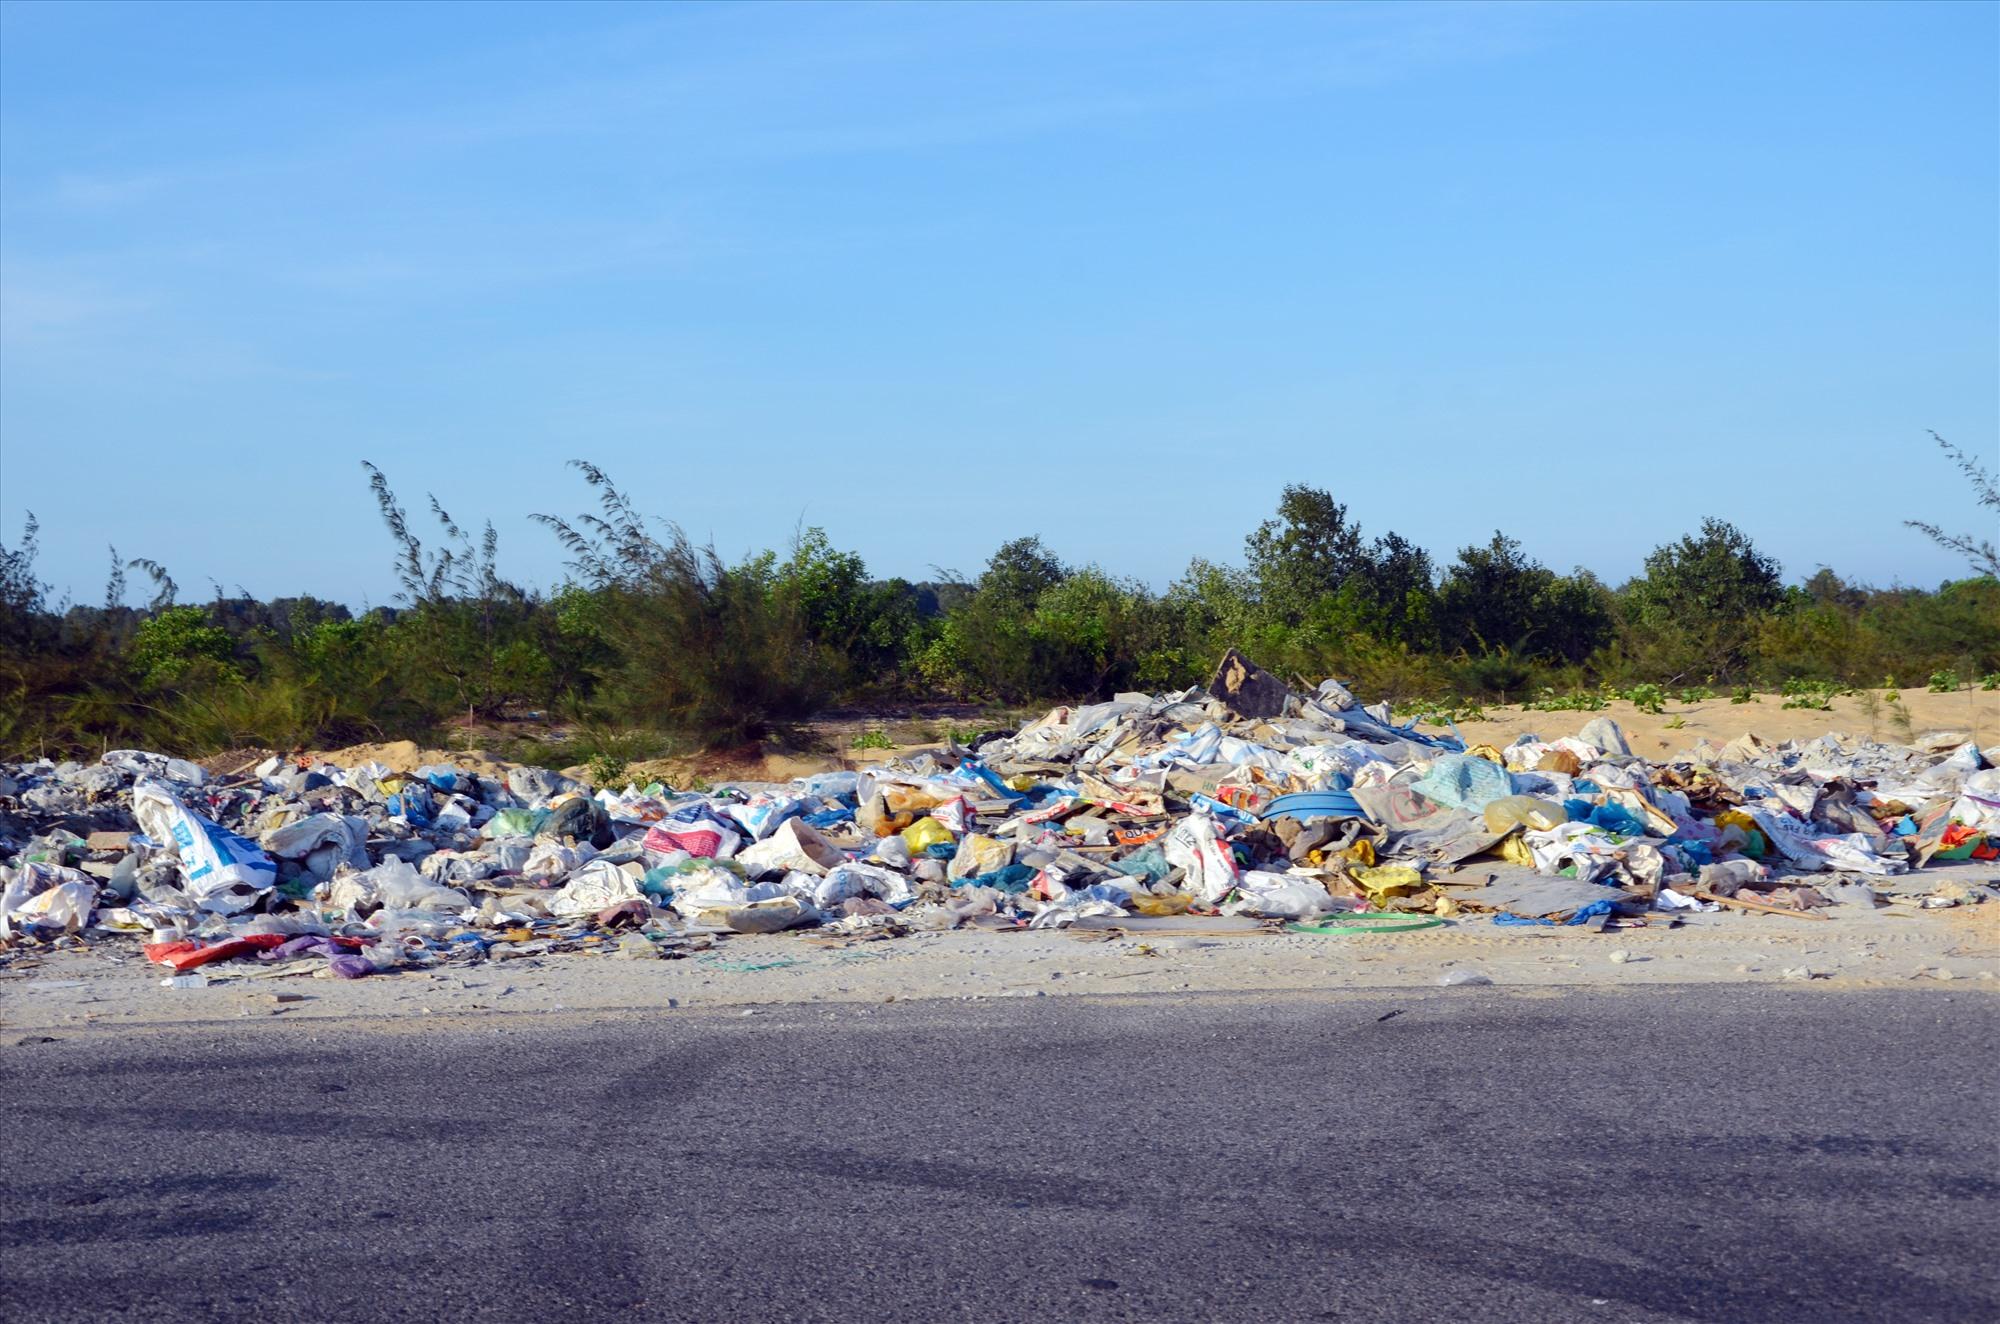 Một bãi rác tự phát dọc đường ven biển thuộc địa bàn huyện Thăng Bình cách đây không lâu. Ảnh: T.N